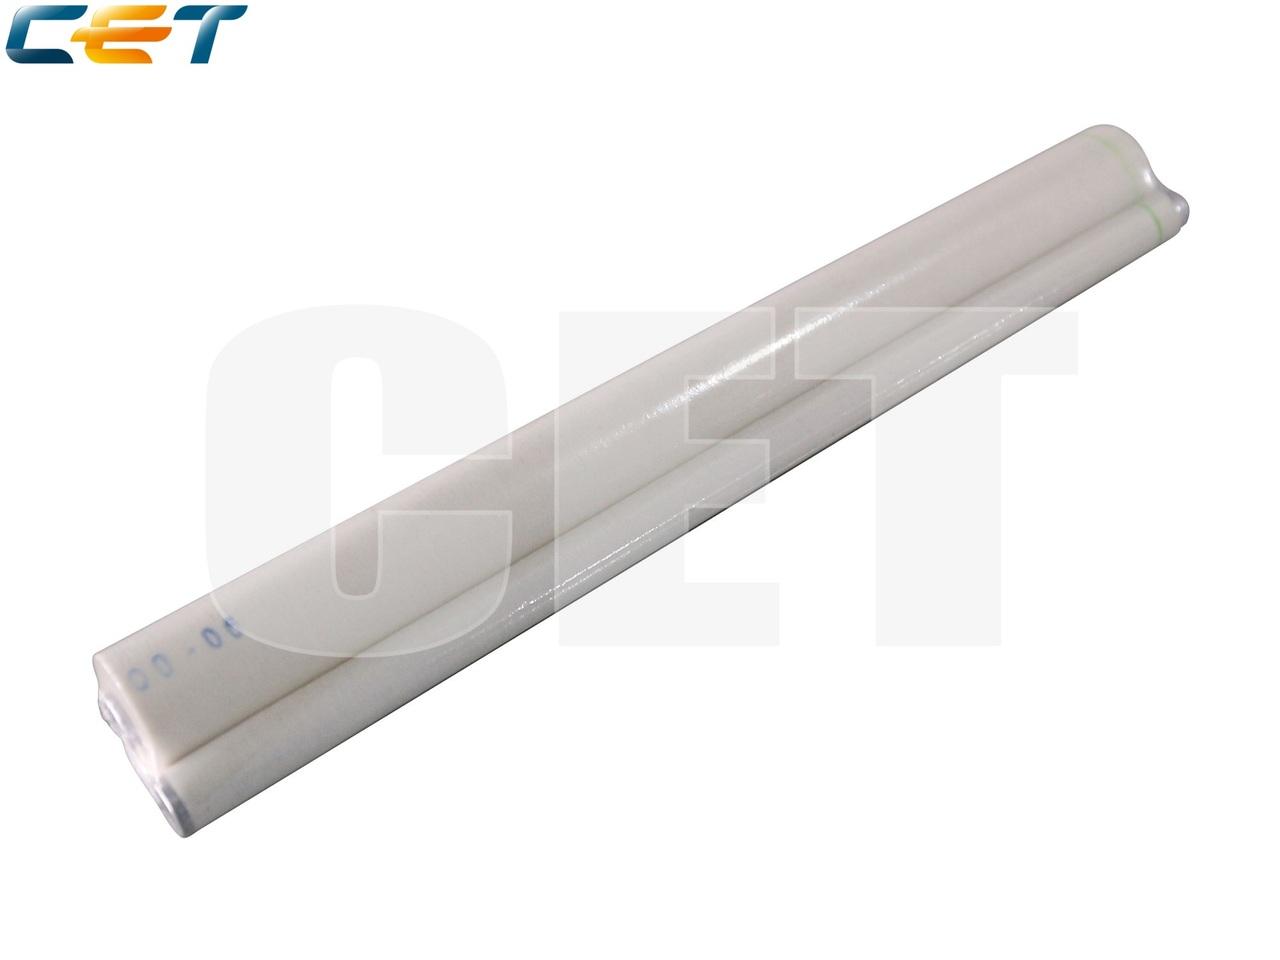 Чистящая лента фьюзера NROLR1913FCZ1 для SHARPMX-4110N/4111N/5110N/5111N/4112N/5112N (CET), CET7692